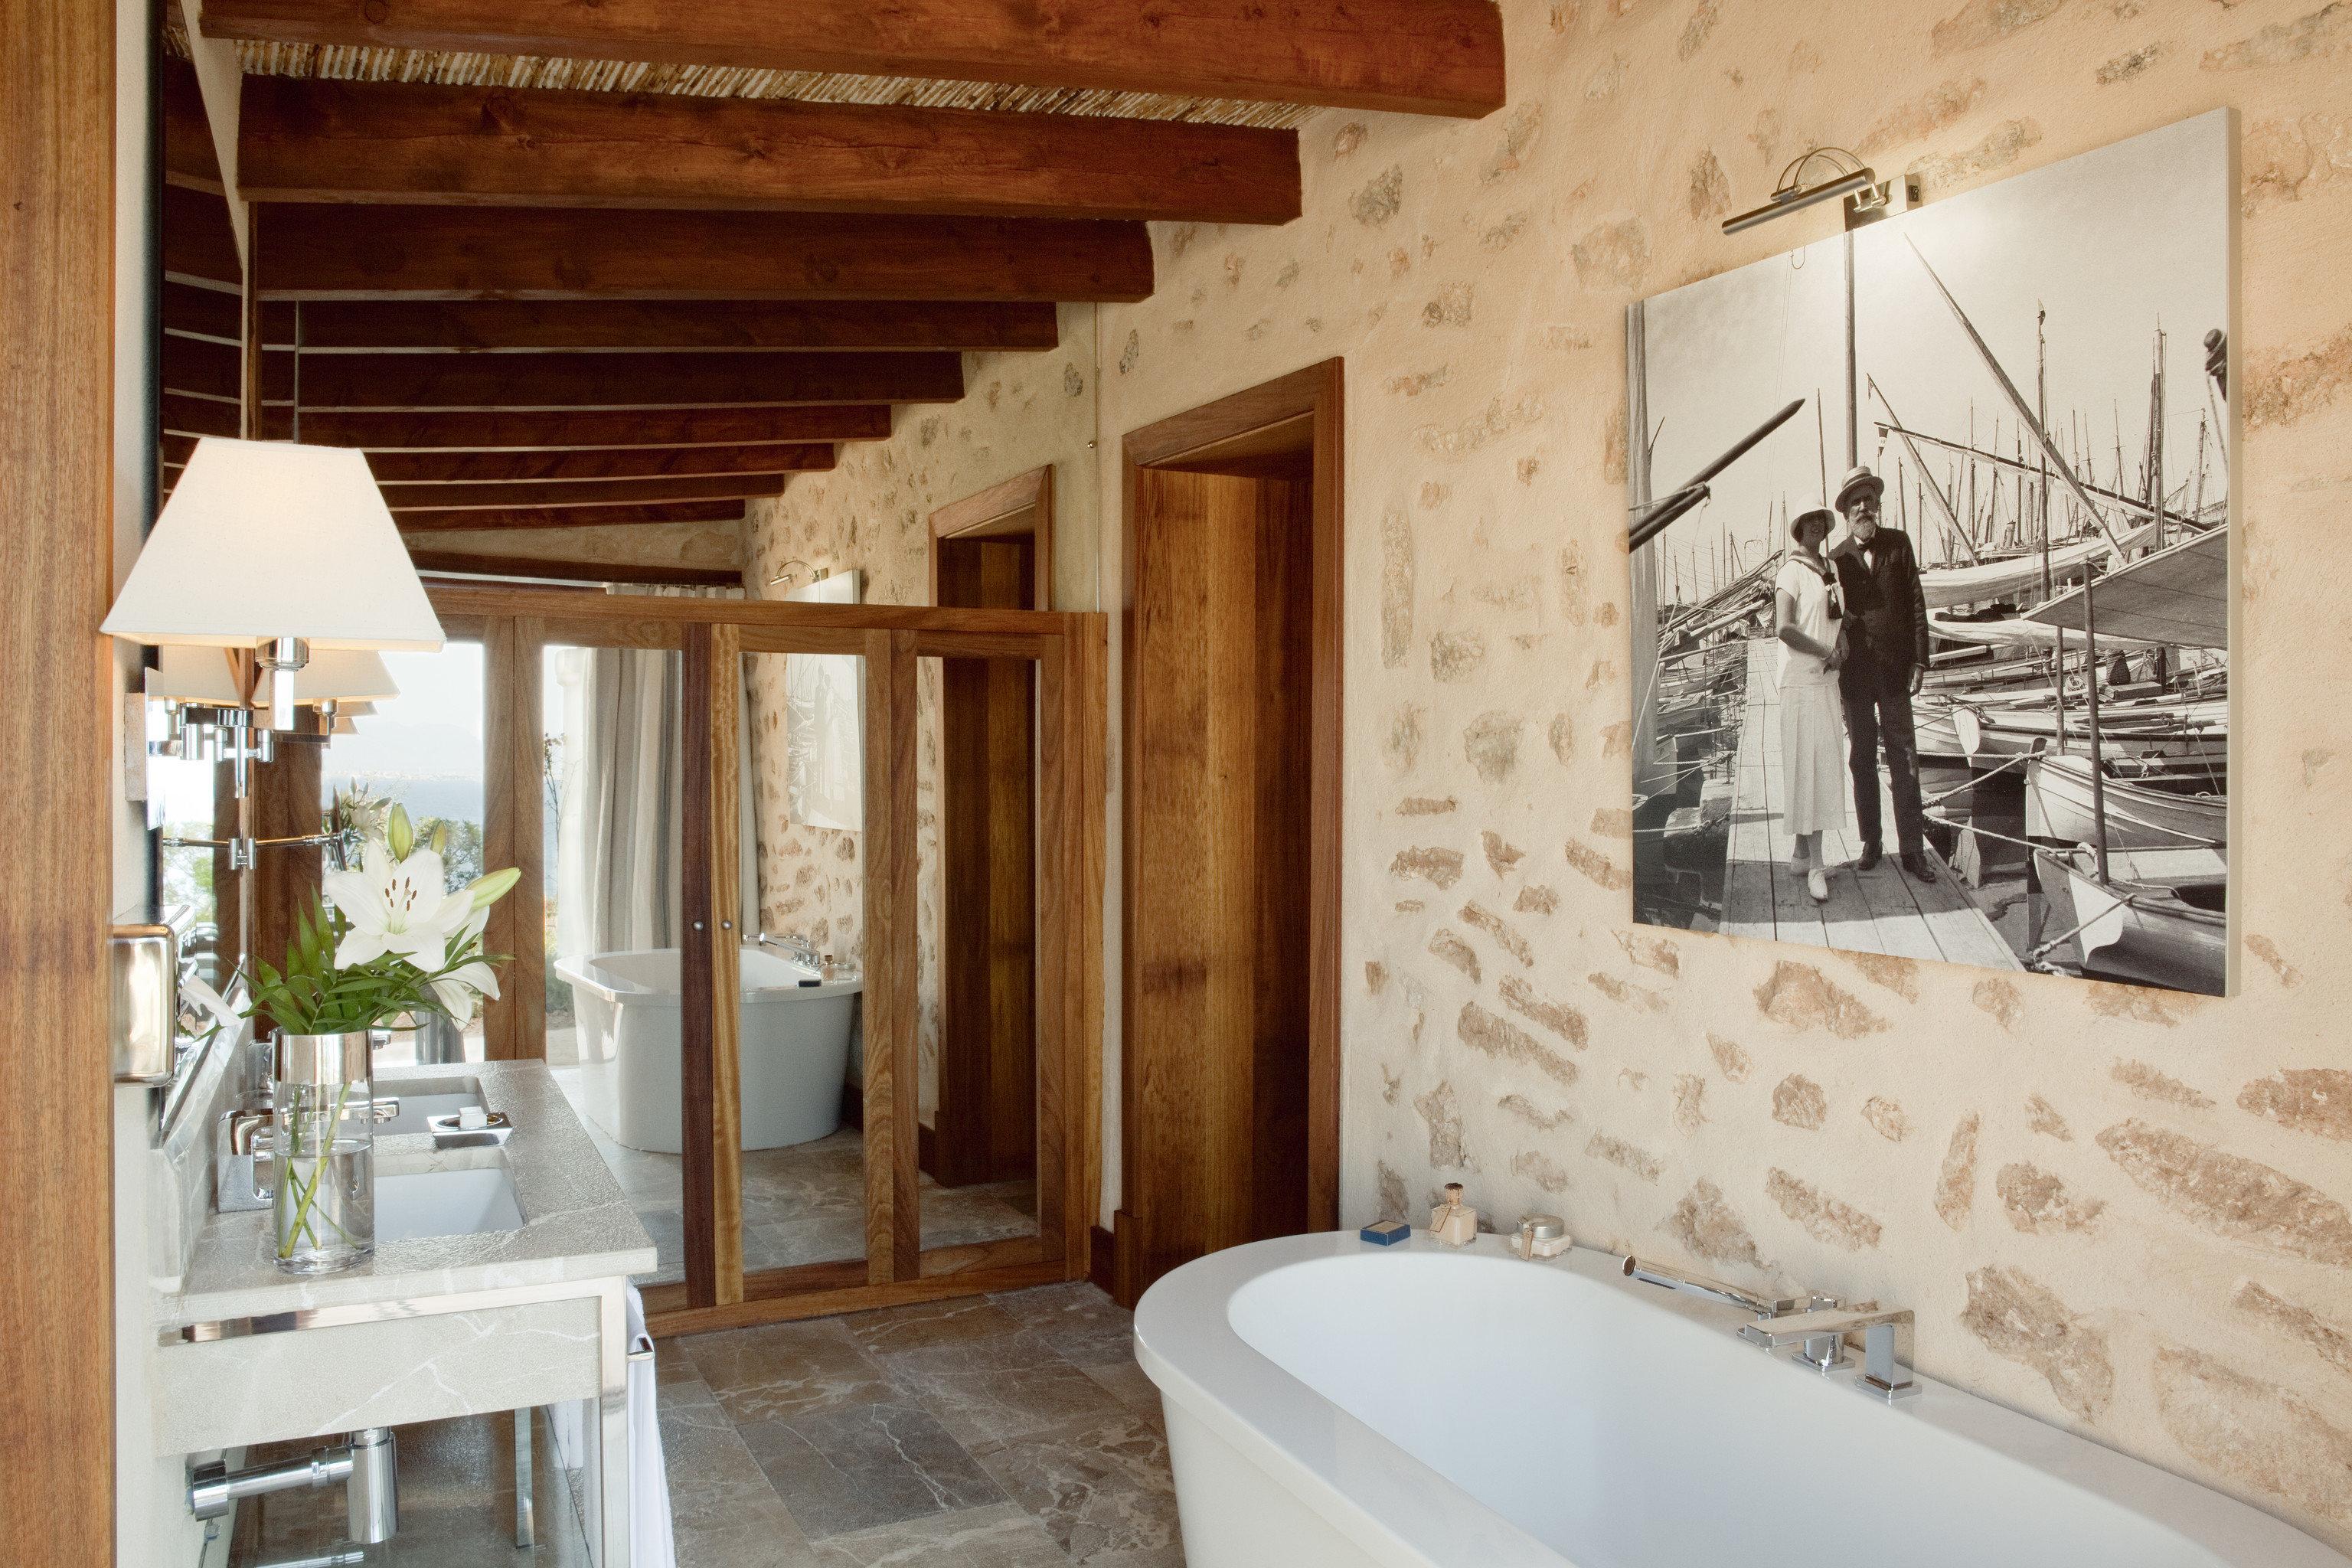 Hotels indoor bathroom room property house estate home sink cottage floor interior design Design farmhouse tub tile Bath bathtub tiled